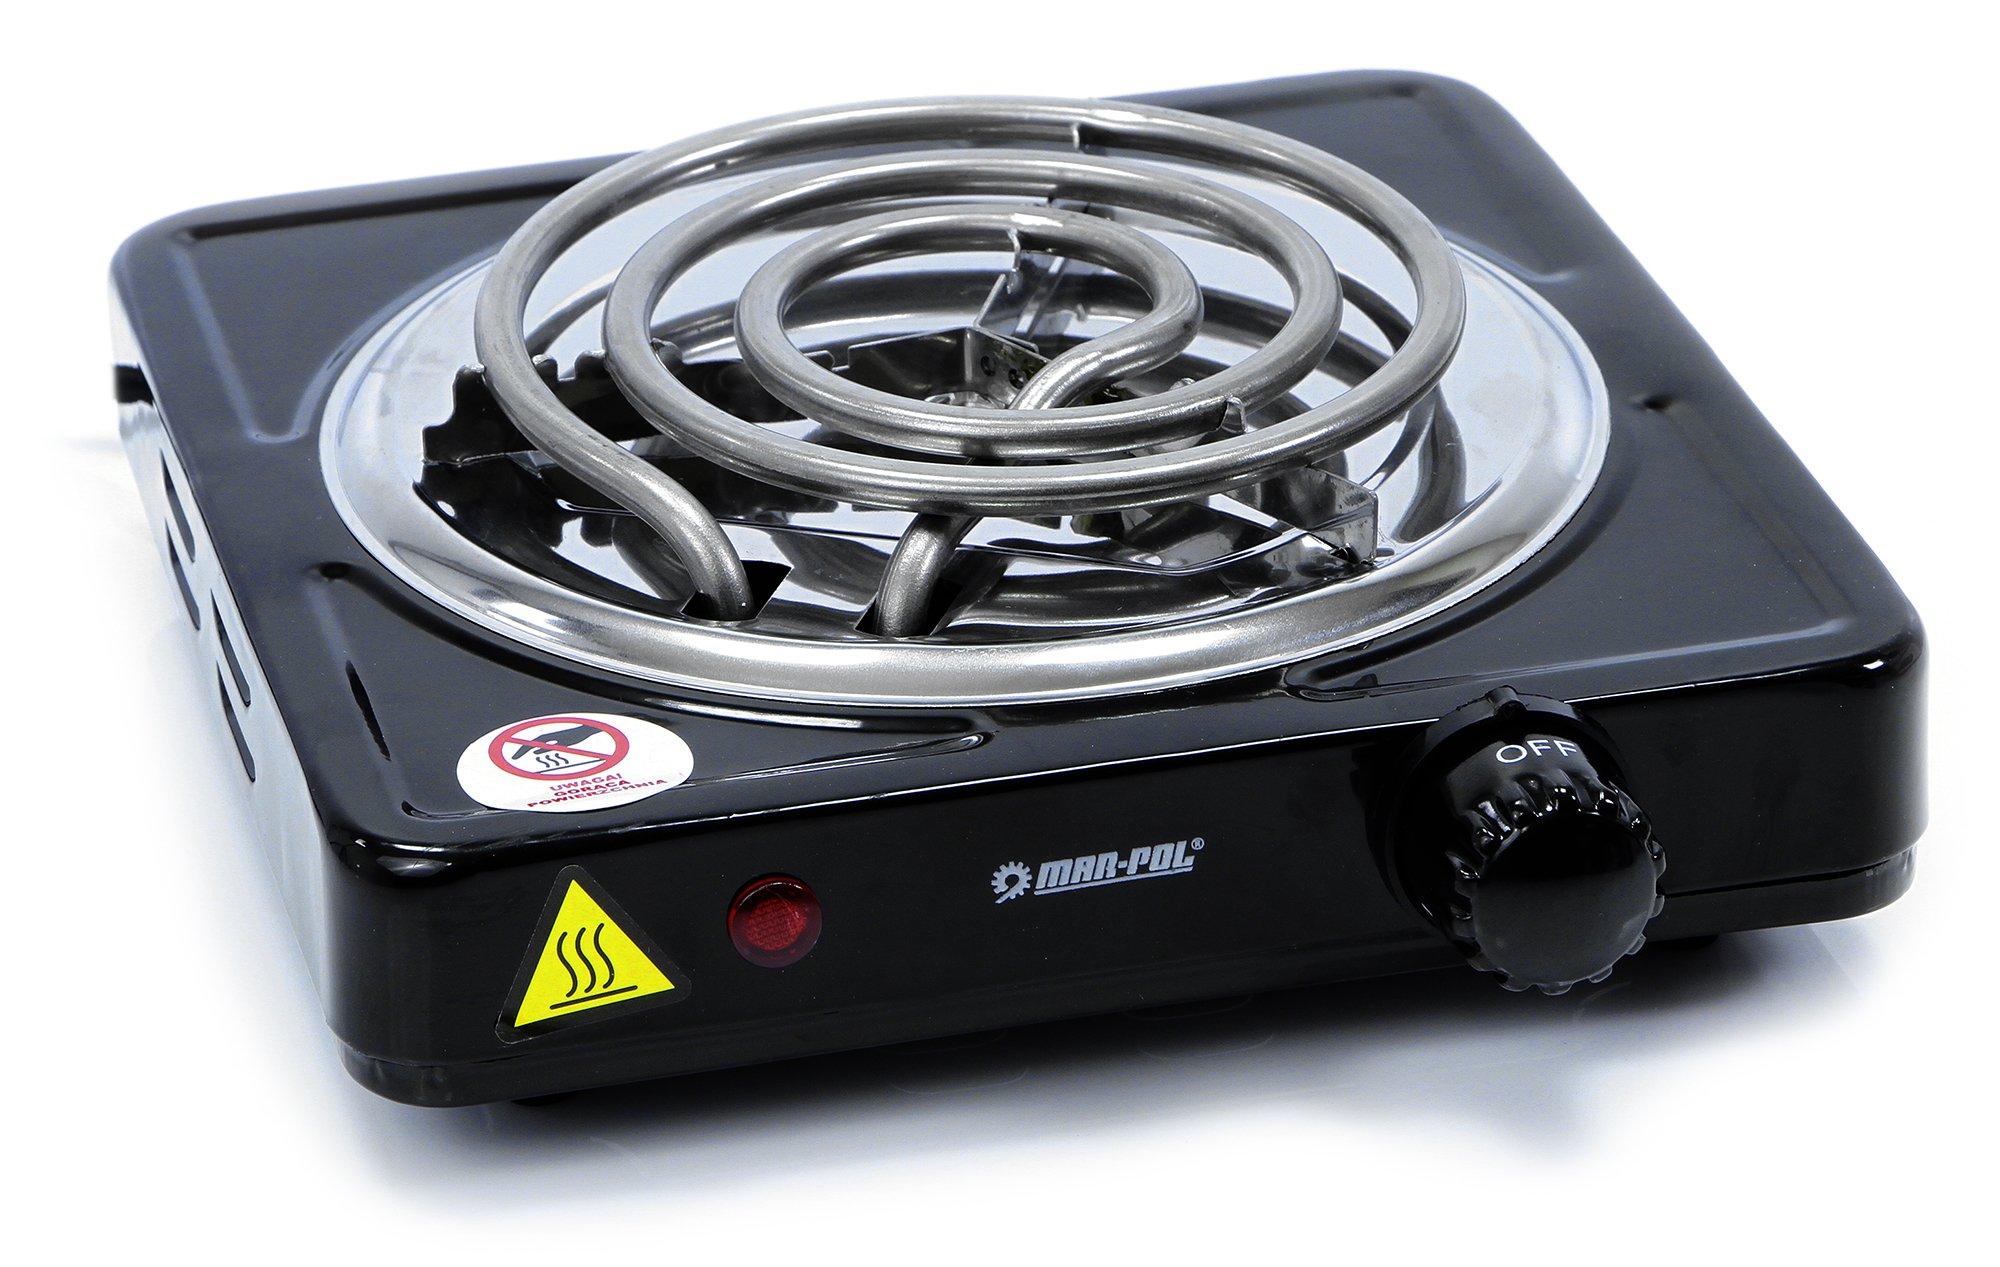 Kuchenka 1000W 230V spirala jednopalnikowa